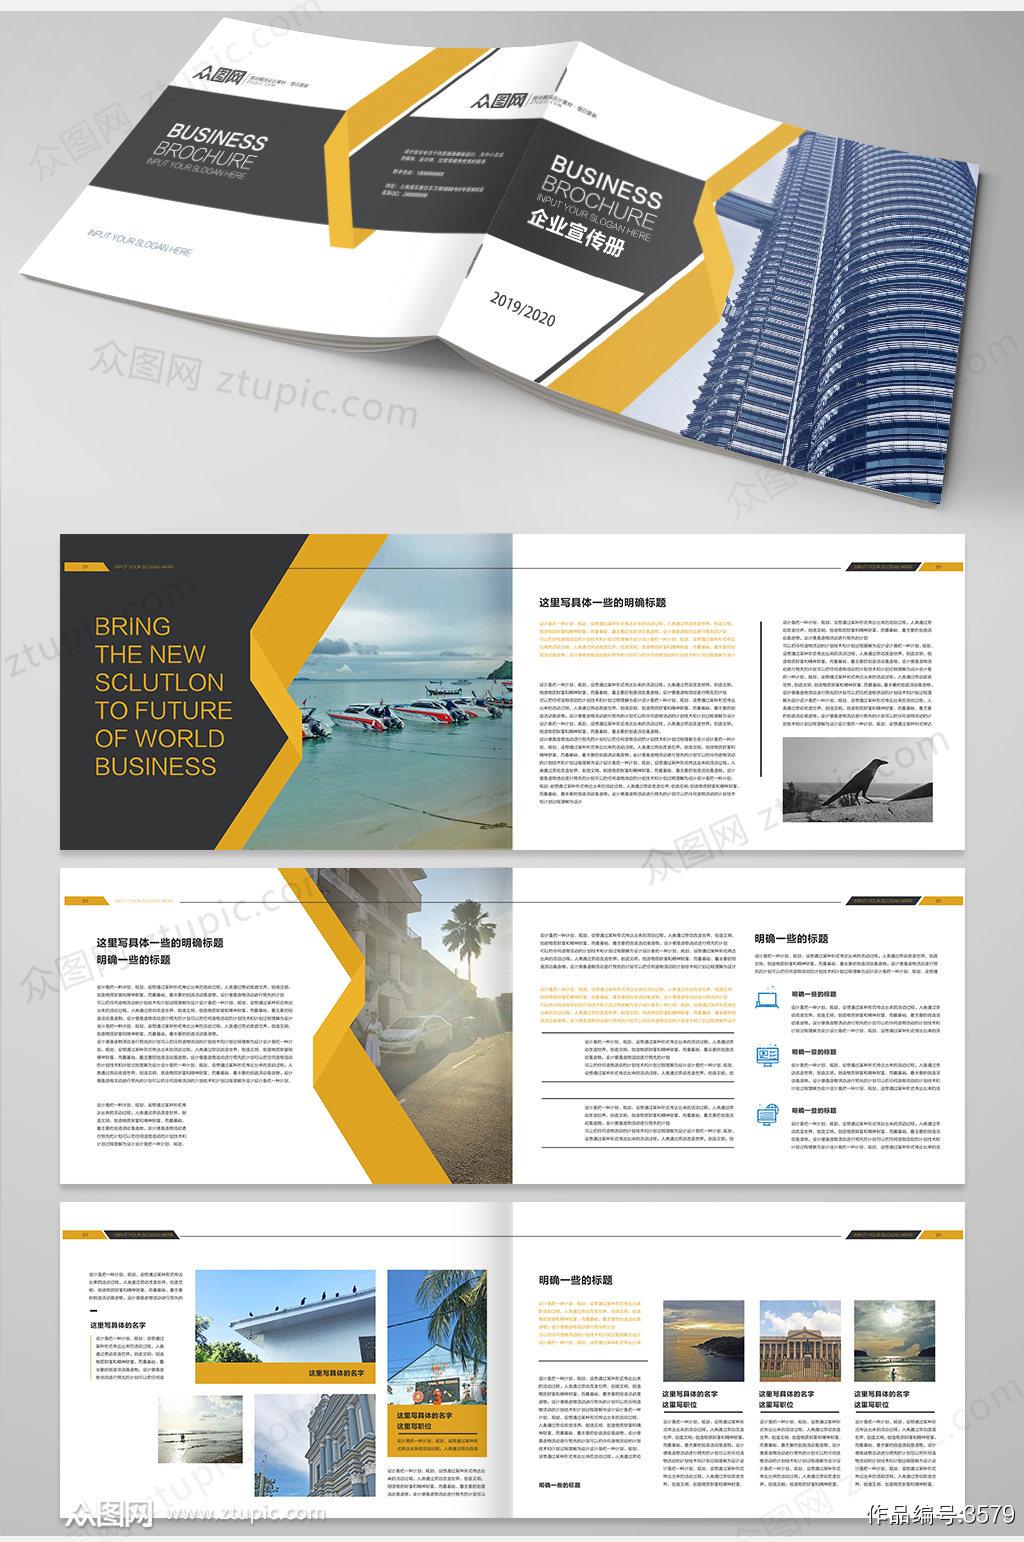 黄色时尚大气商务风格的企业画册素材